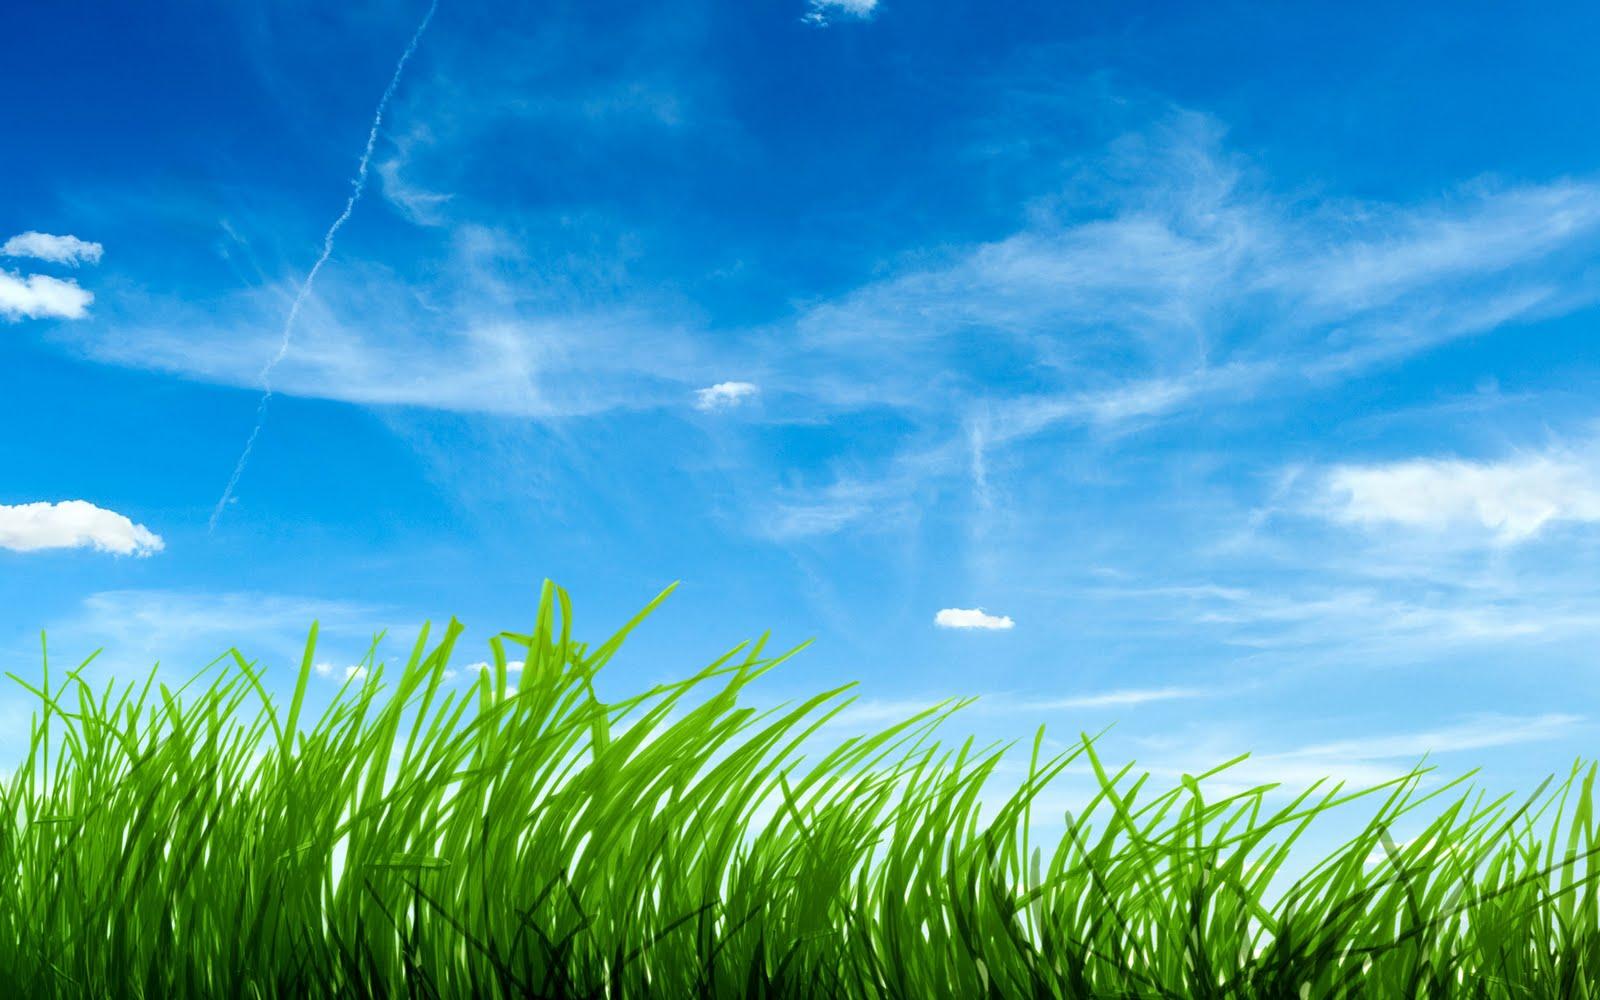 http://2.bp.blogspot.com/-qq1ffJTUi-o/UGUfig7lt0I/AAAAAAAAHiI/qnwyGSXVWP4/s1600/Nature-wallpaper-98.jpeg